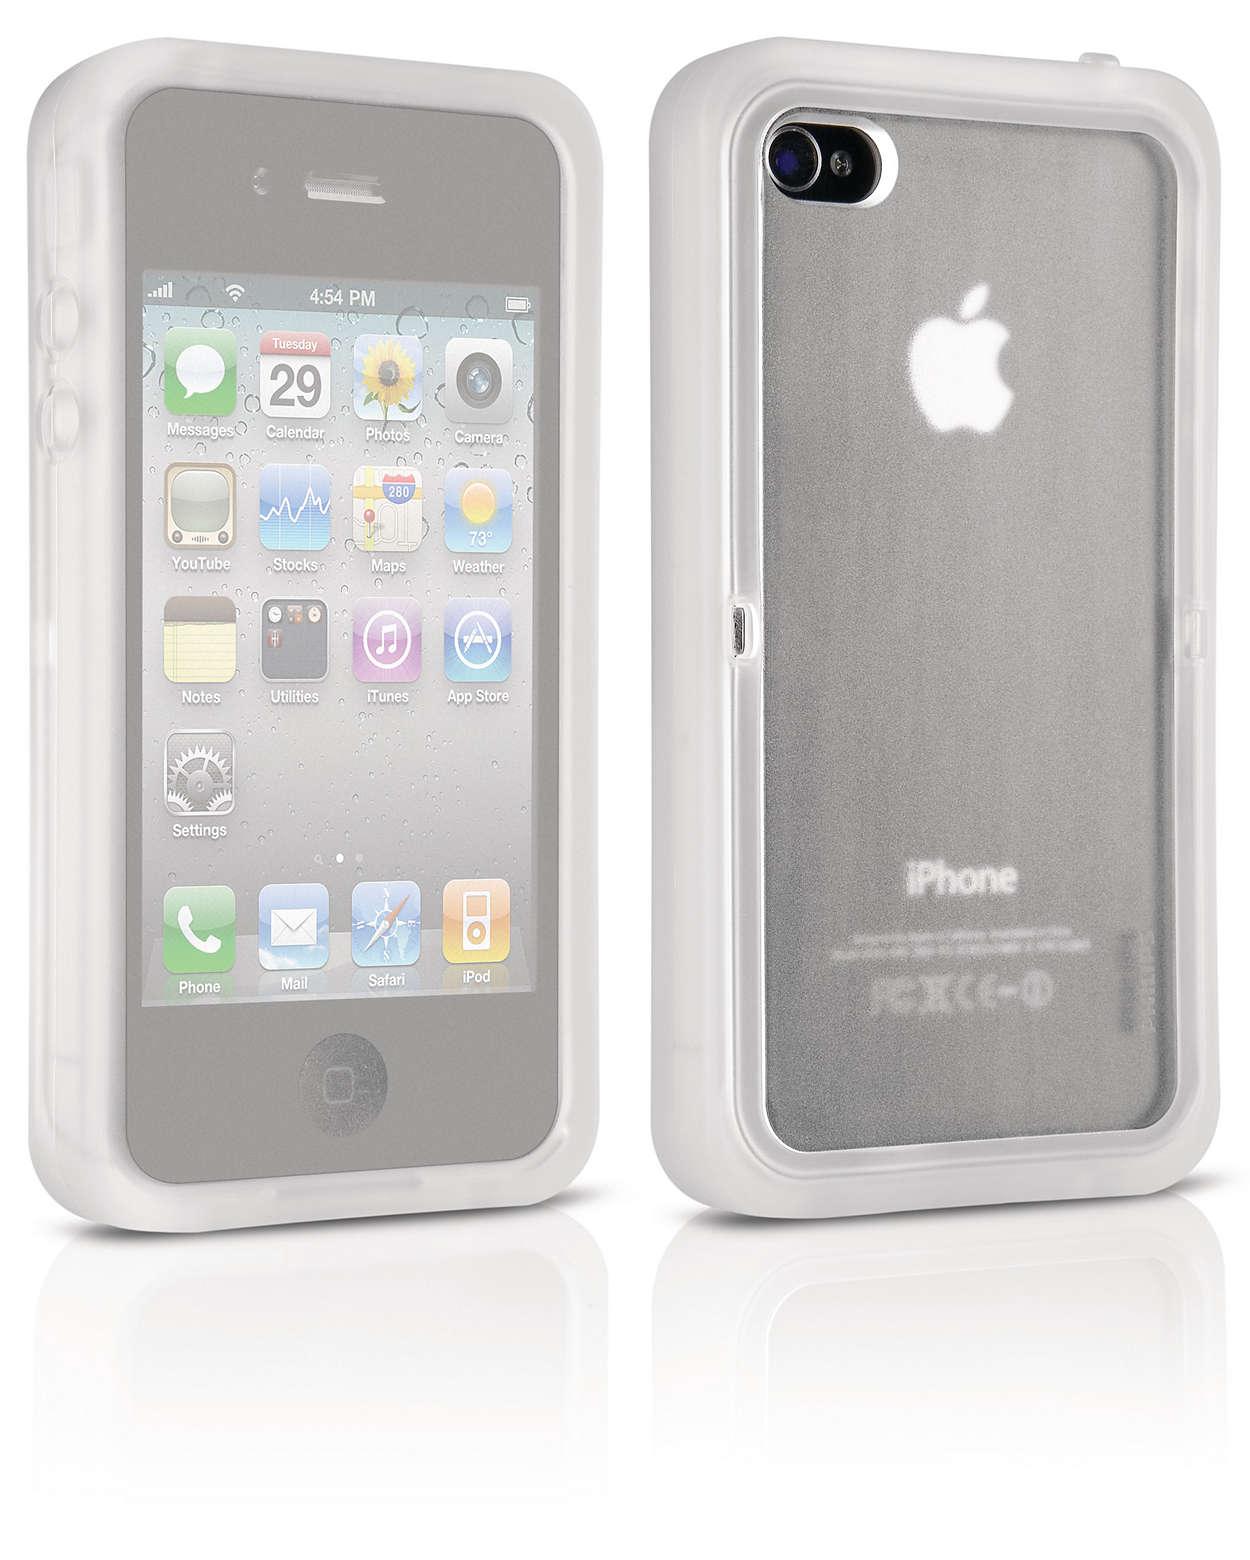 Uw iPhone beschermd tegen alle omstandigheden